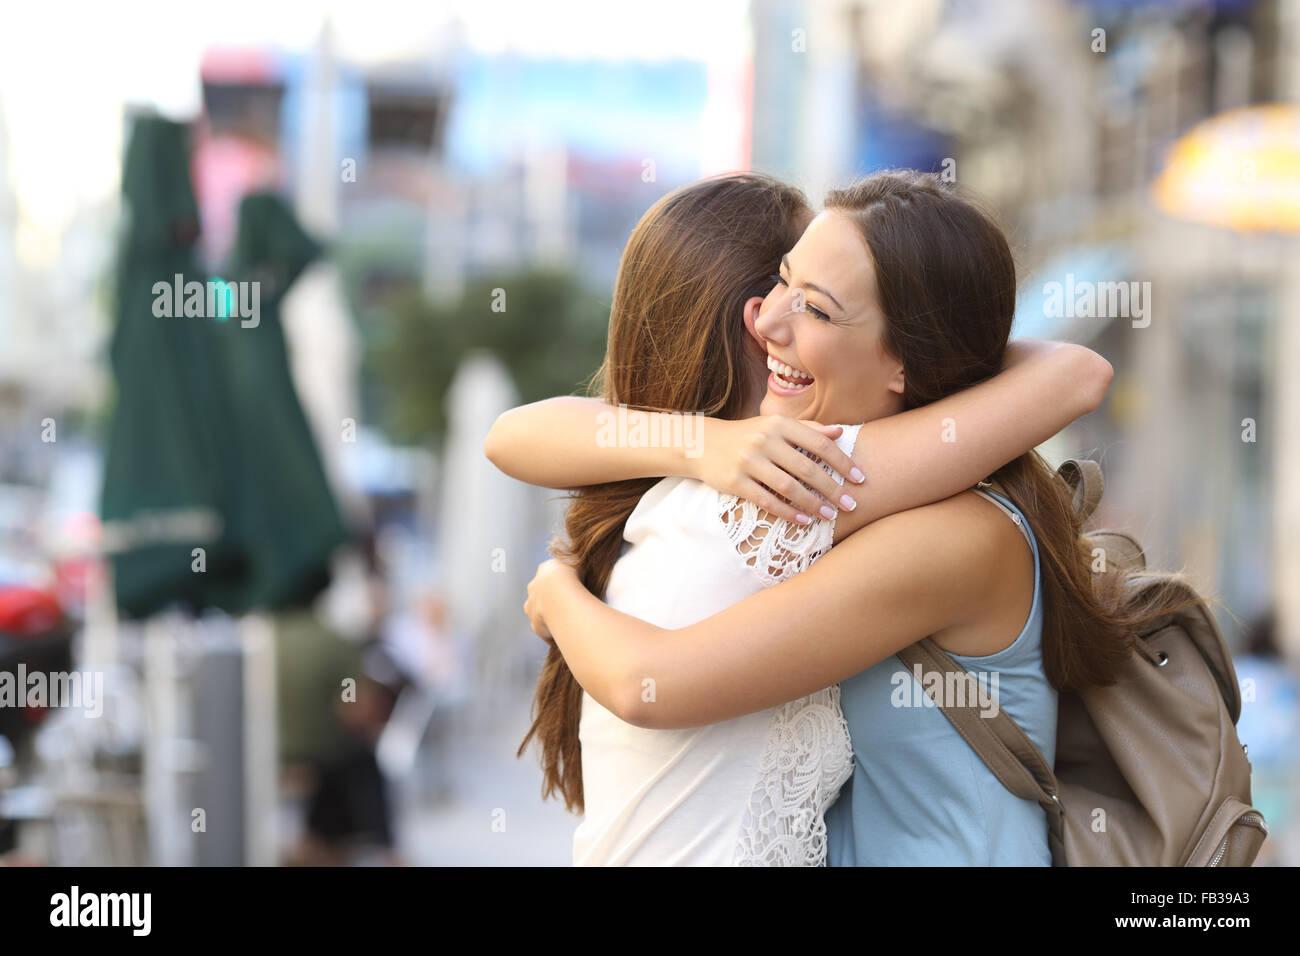 Felice incontro di due amici abbracciando in strada Immagini Stock